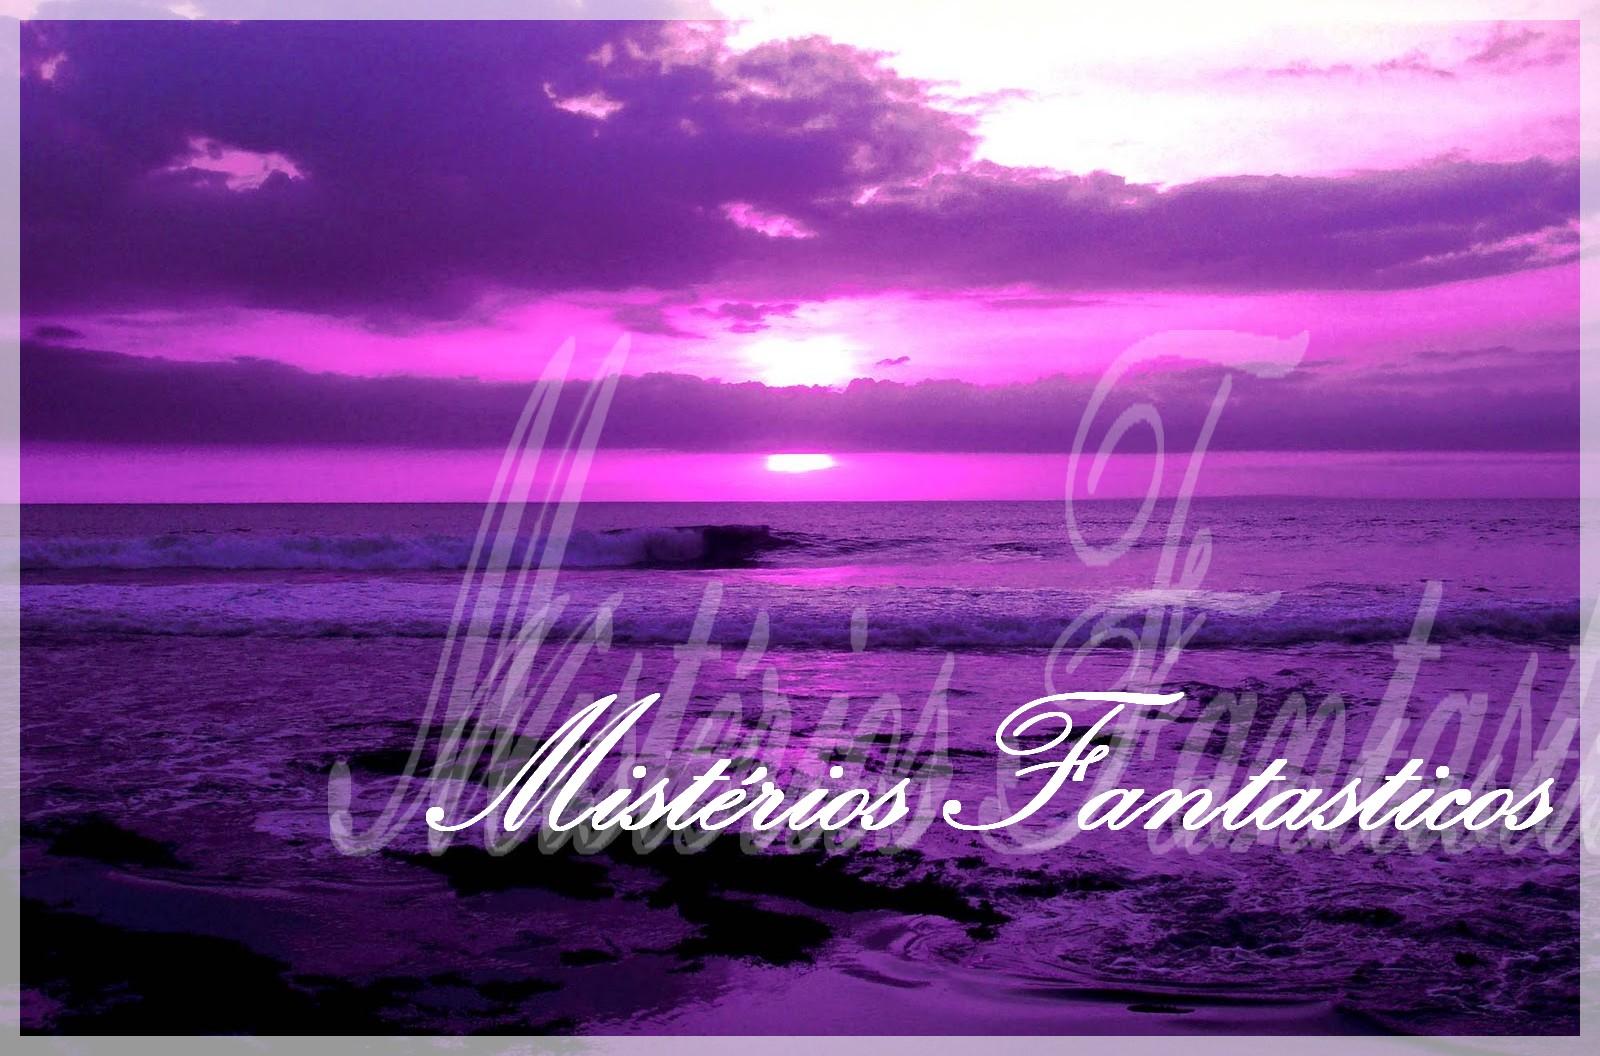 http://2.bp.blogspot.com/_36x37e5S95A/TR4sAMhA_yI/AAAAAAAACKM/bb4GUokHSgI/s1600/misterios+fantasticos+wallpaper+%252812%2529.jpg